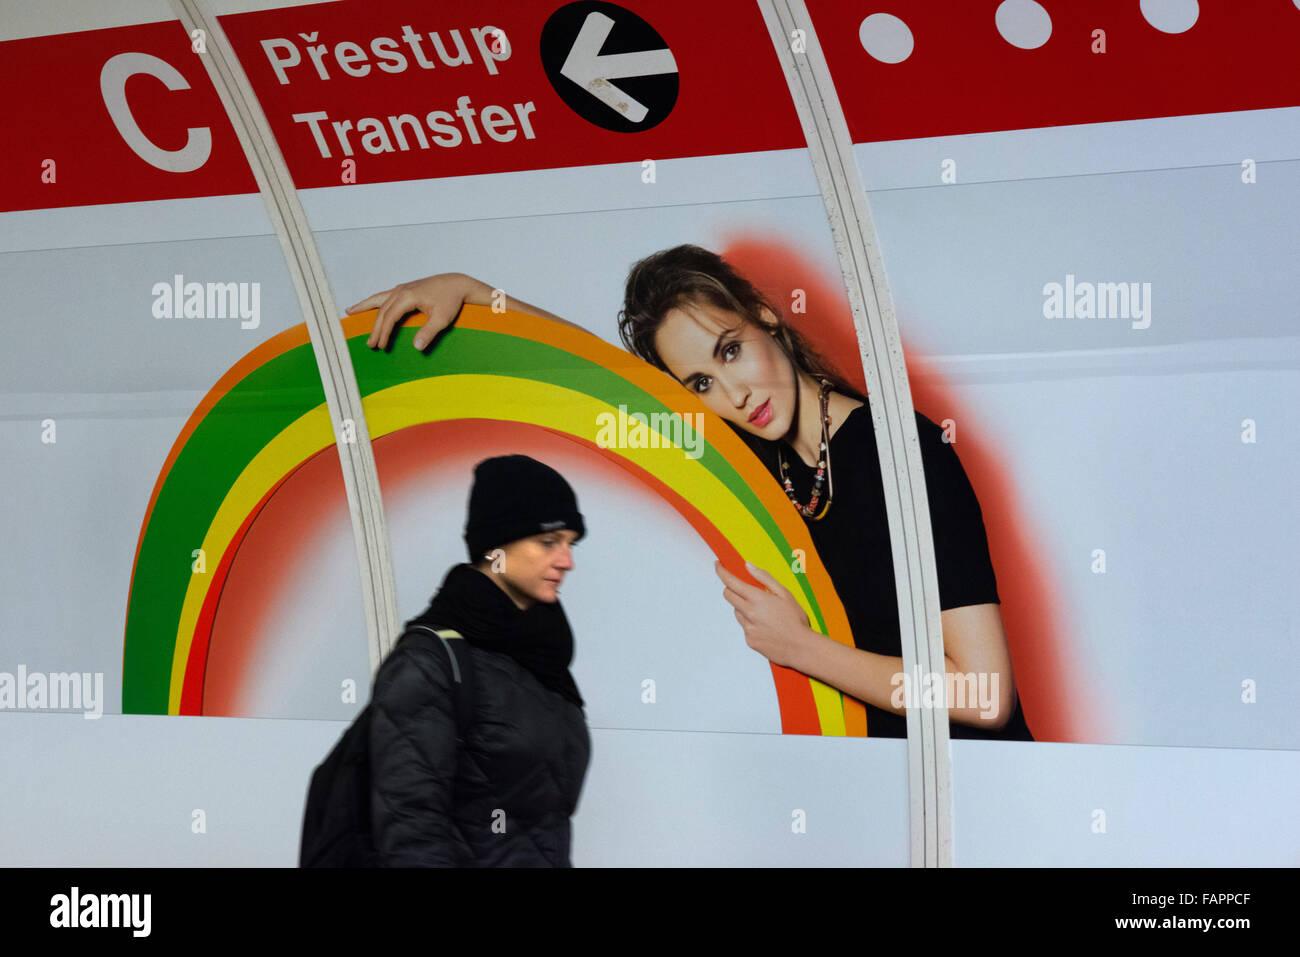 Annoncer sur l'un des tunnels d'accès métro de Prague. 'Singles' wagons seulement à Photo Stock